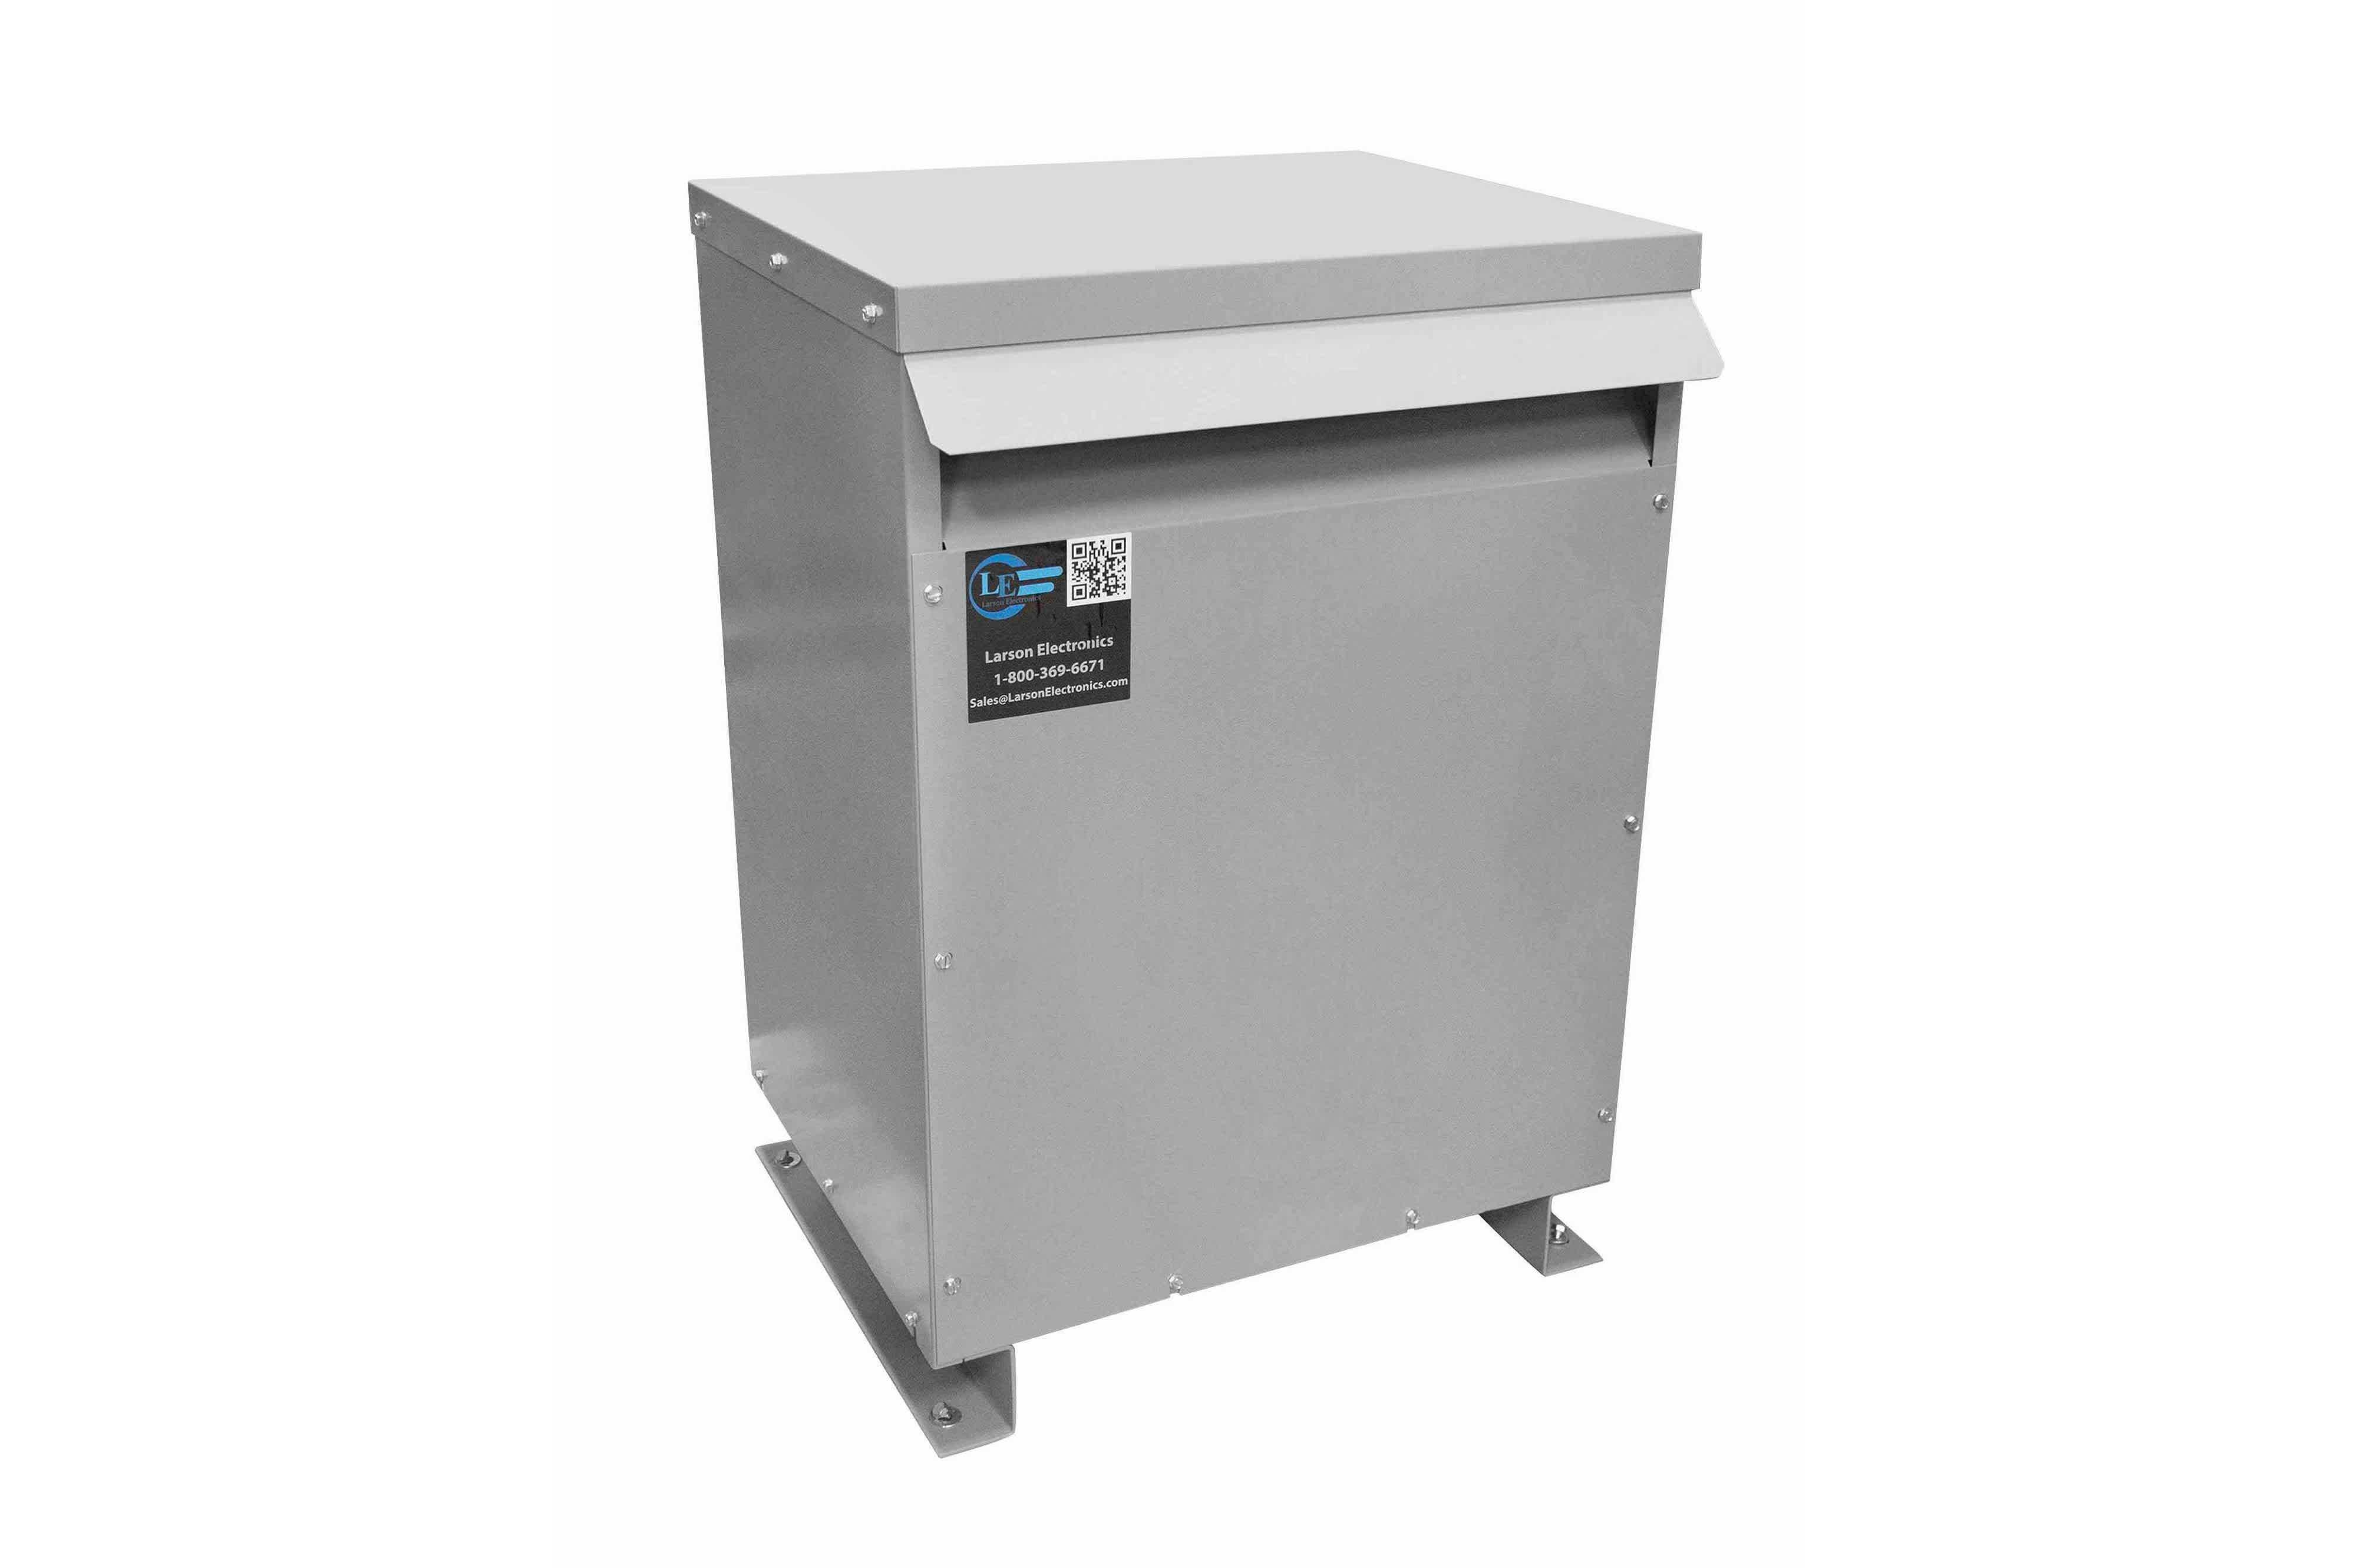 38 kVA 3PH Isolation Transformer, 460V Delta Primary, 400V Delta Secondary, N3R, Ventilated, 60 Hz